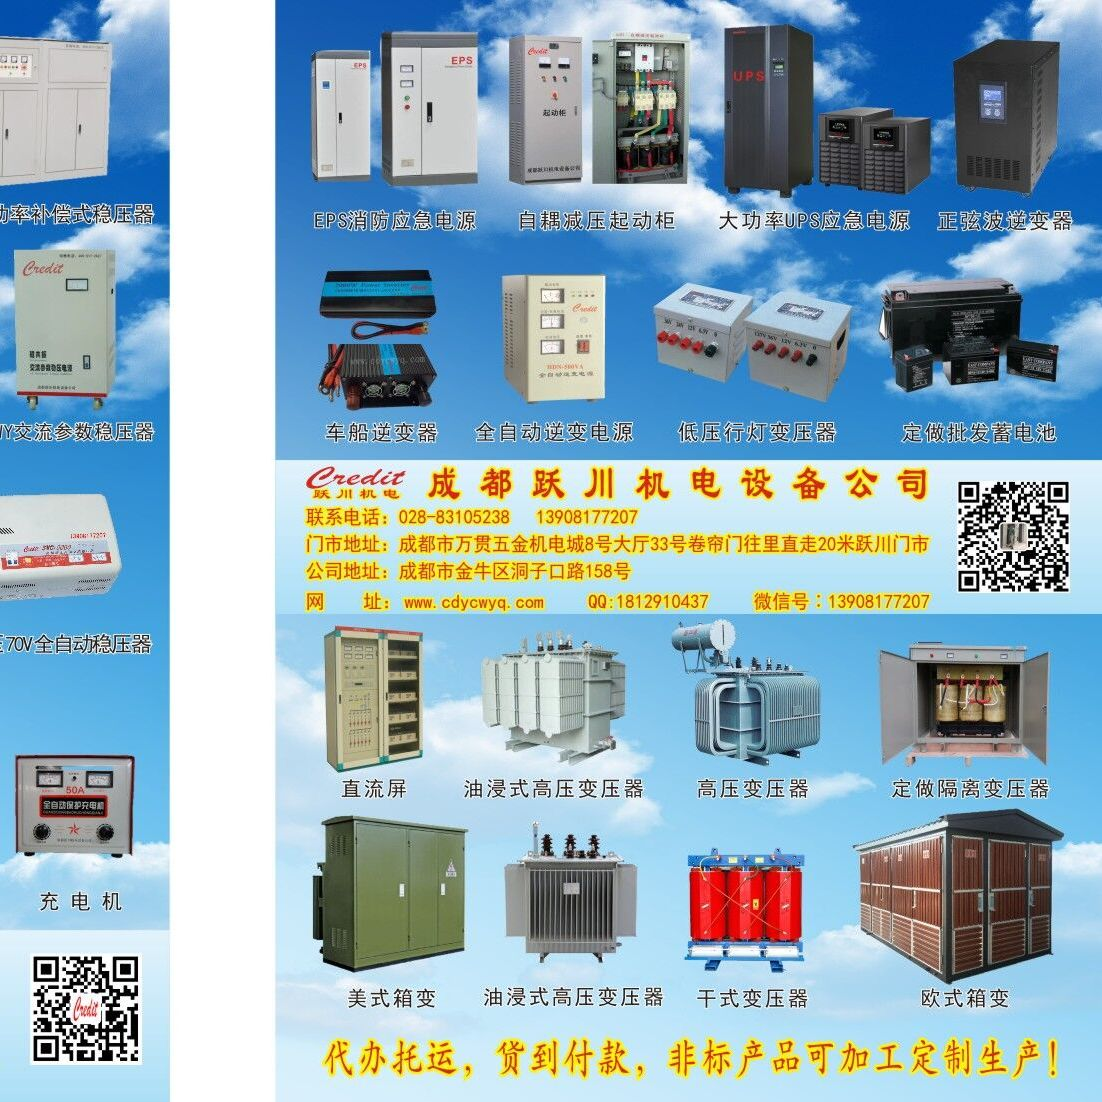 贵州安顺市厂家直销单三相高精度稳压器;稳压器报价;稳压器厂家批发 量大从优